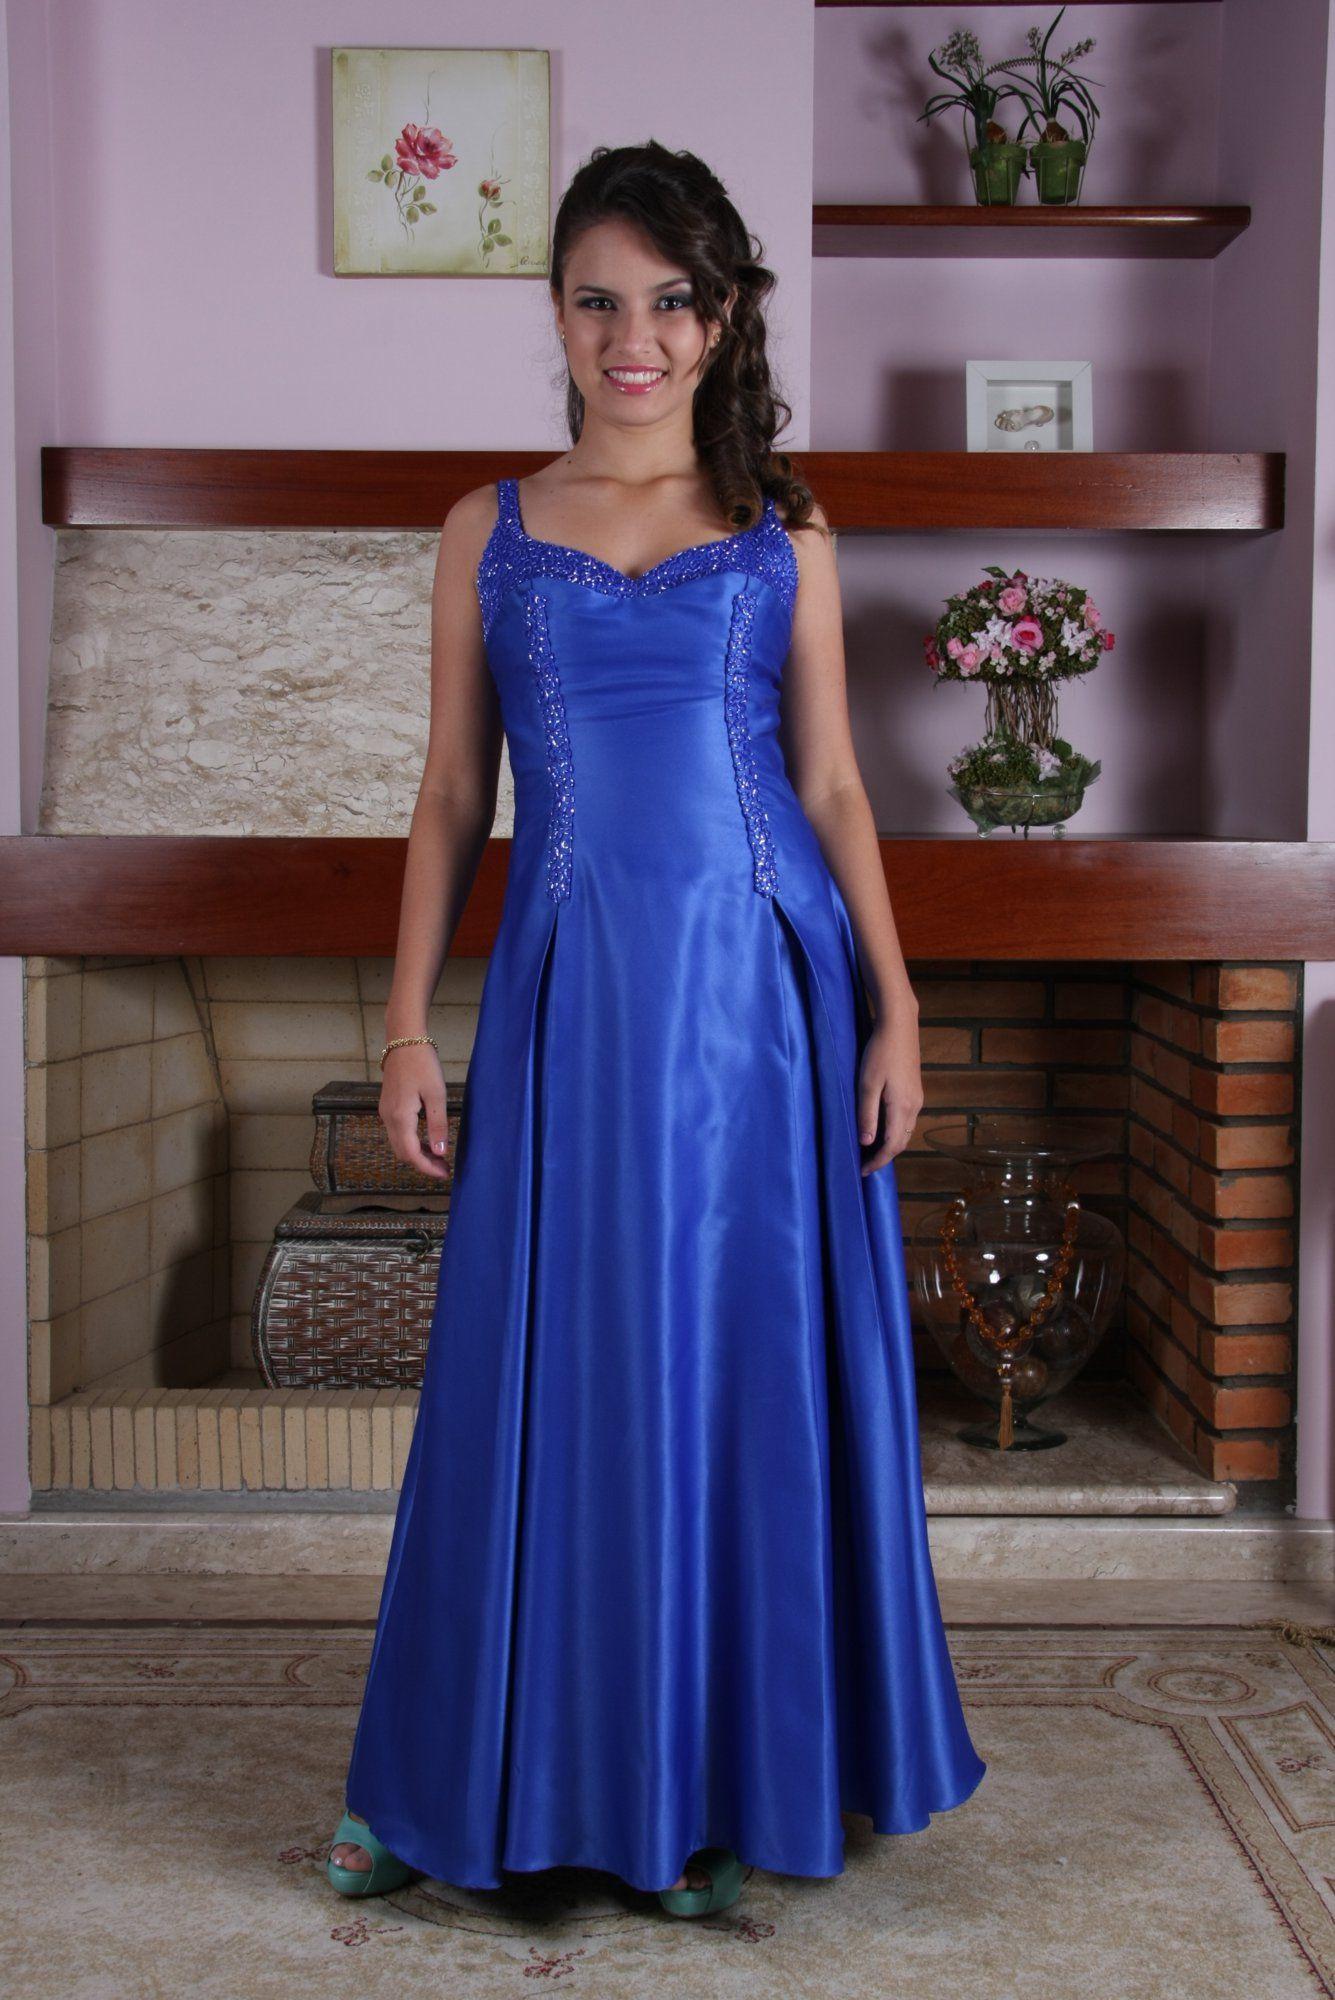 Vestido de Debutante Azul - 16 - Hipnose Alta Costura e Spa para Noivas e Noivos - Campinas - SP Vestido de Debutante, Vestido de Debutante Azul, Hipnose Alta Costura